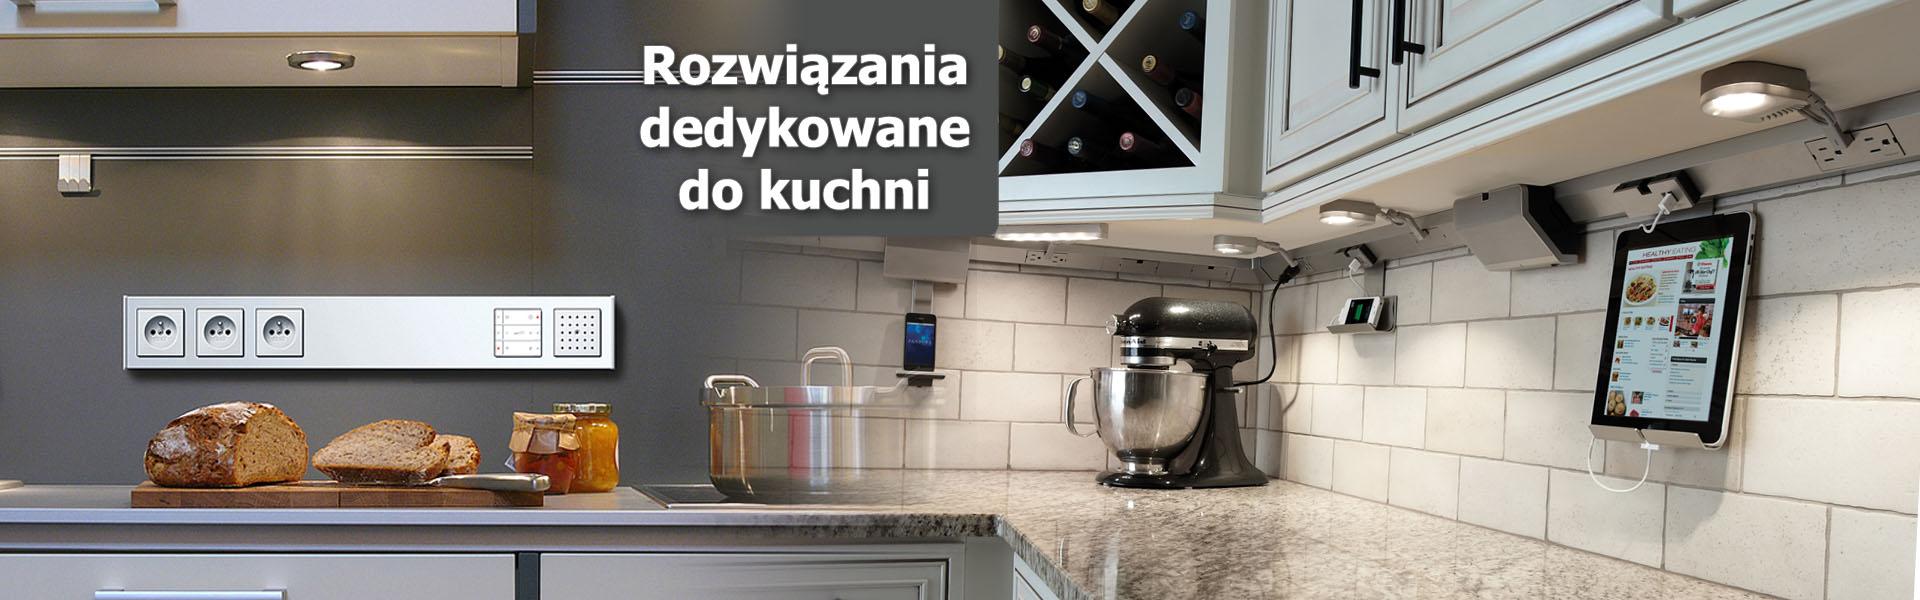 rozwiązania dedykowane do kuchni